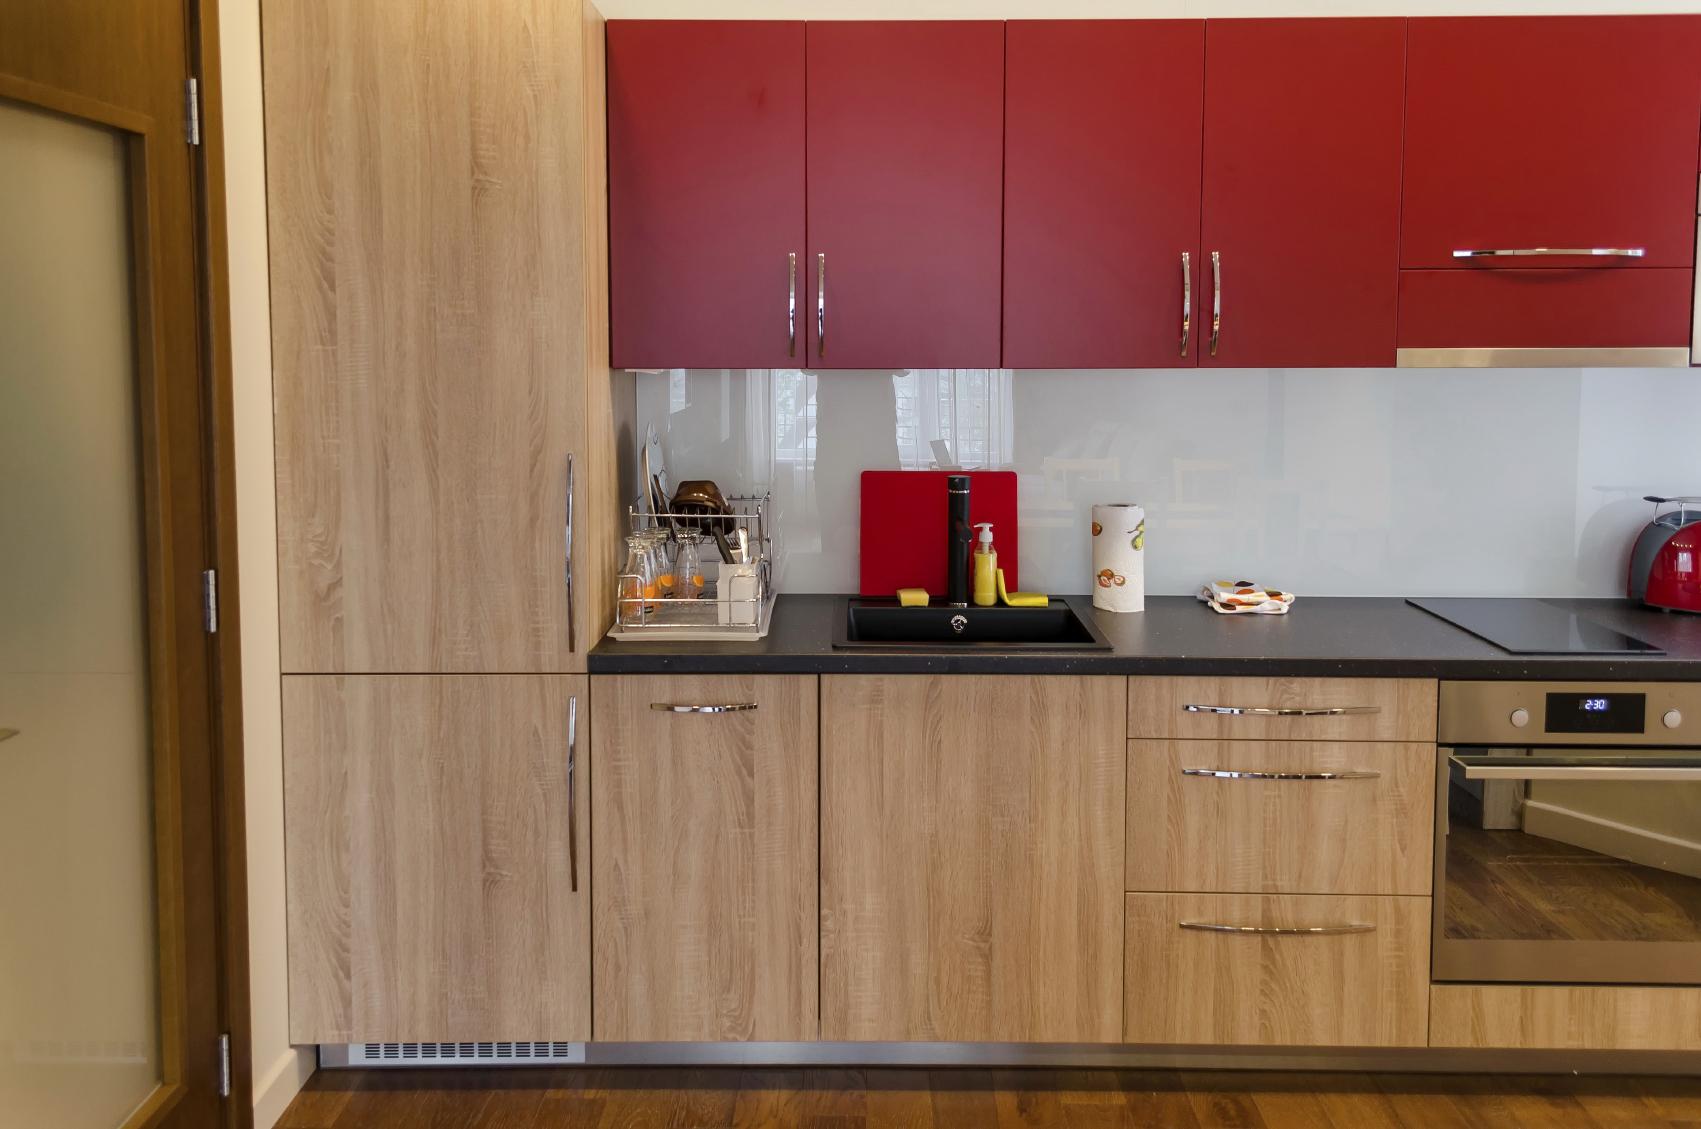 Best Kitchen Gallery: The Most Popular Kitchen Cabi Designs Of 2015 of Popular Kitchen Cabinets on rachelxblog.com